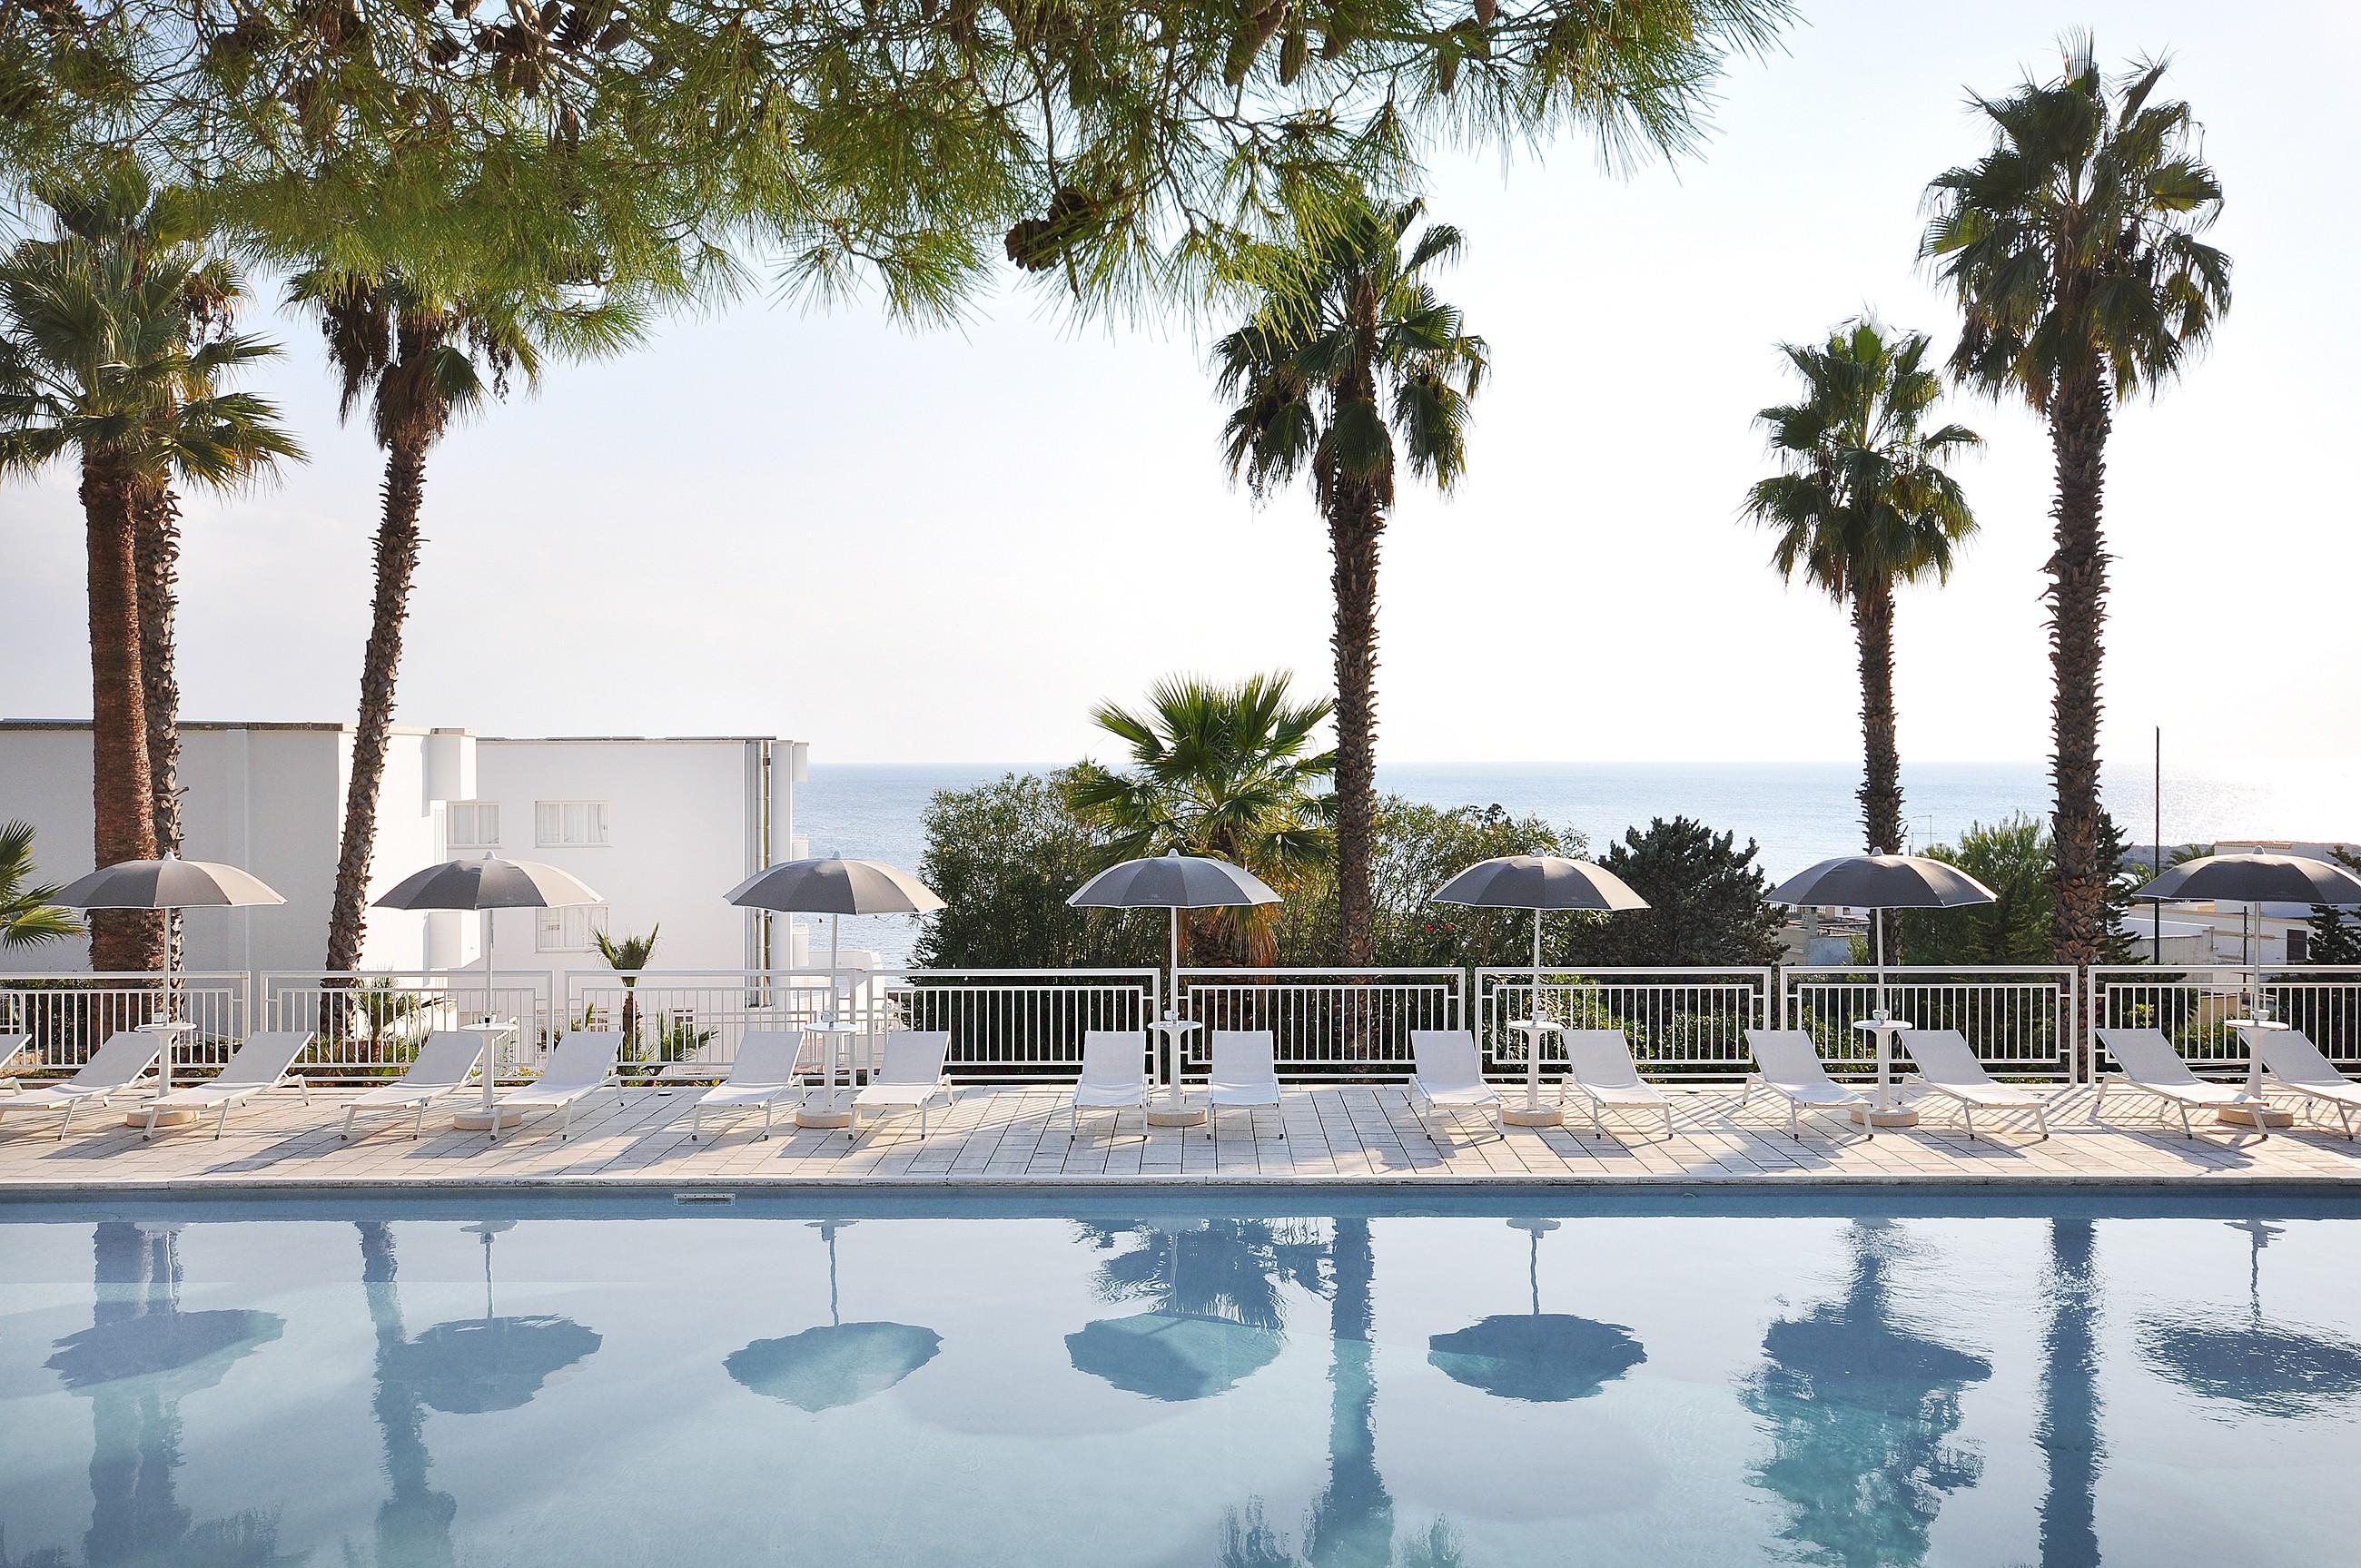 Riviera grand hotel tomas ghisellini architects archello for Ciani arredamenti